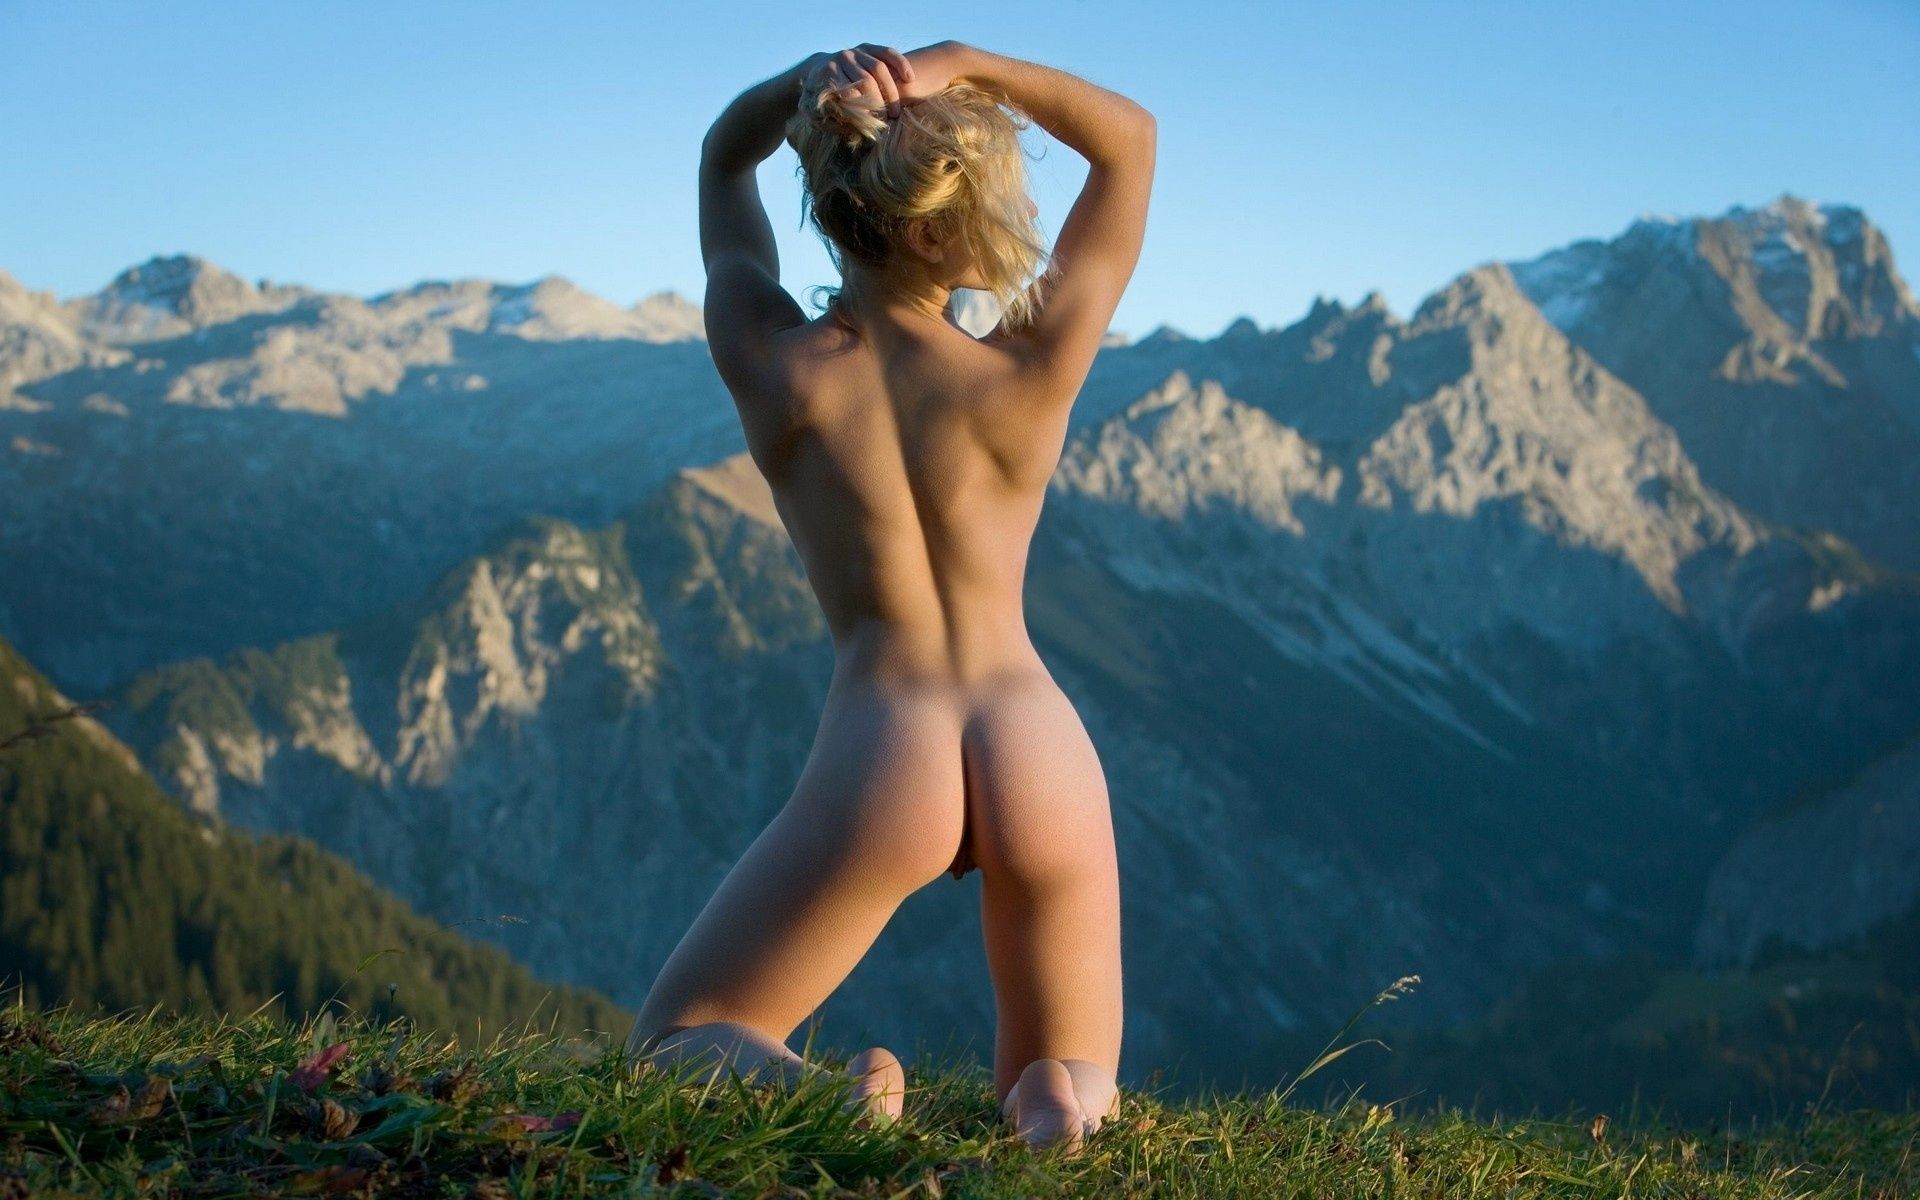 толчком обеих красивый пейзаж секса вместо